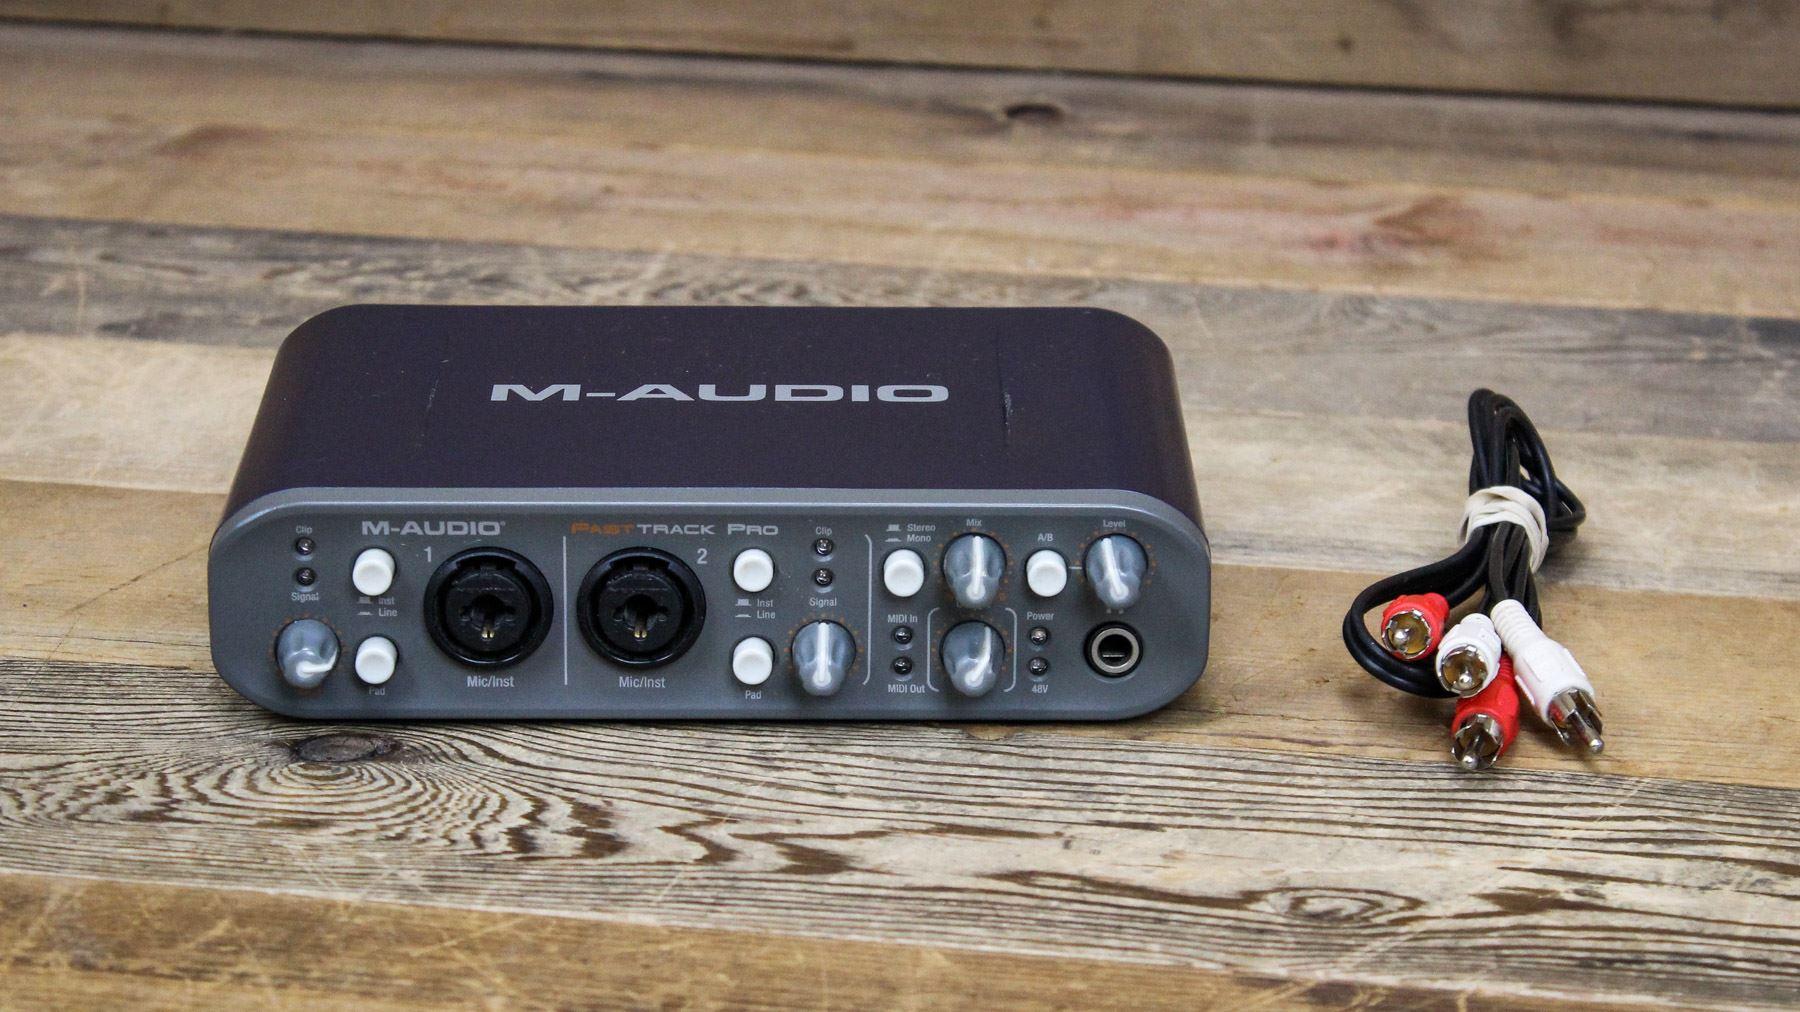 Asio driver fast m-audio track pro